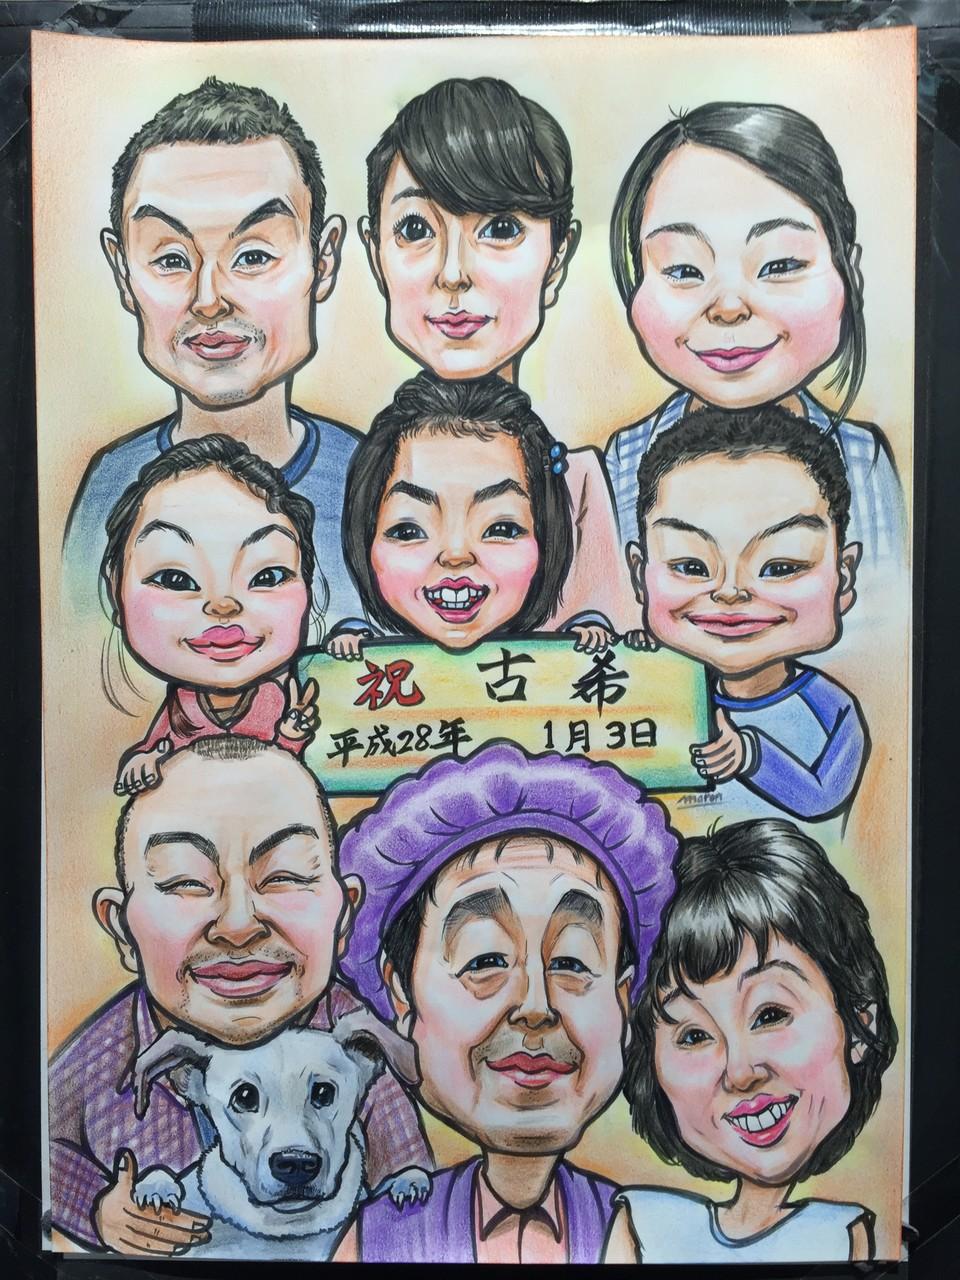 【カリカチュア似顔絵】ギフト・古希のお祝いに!